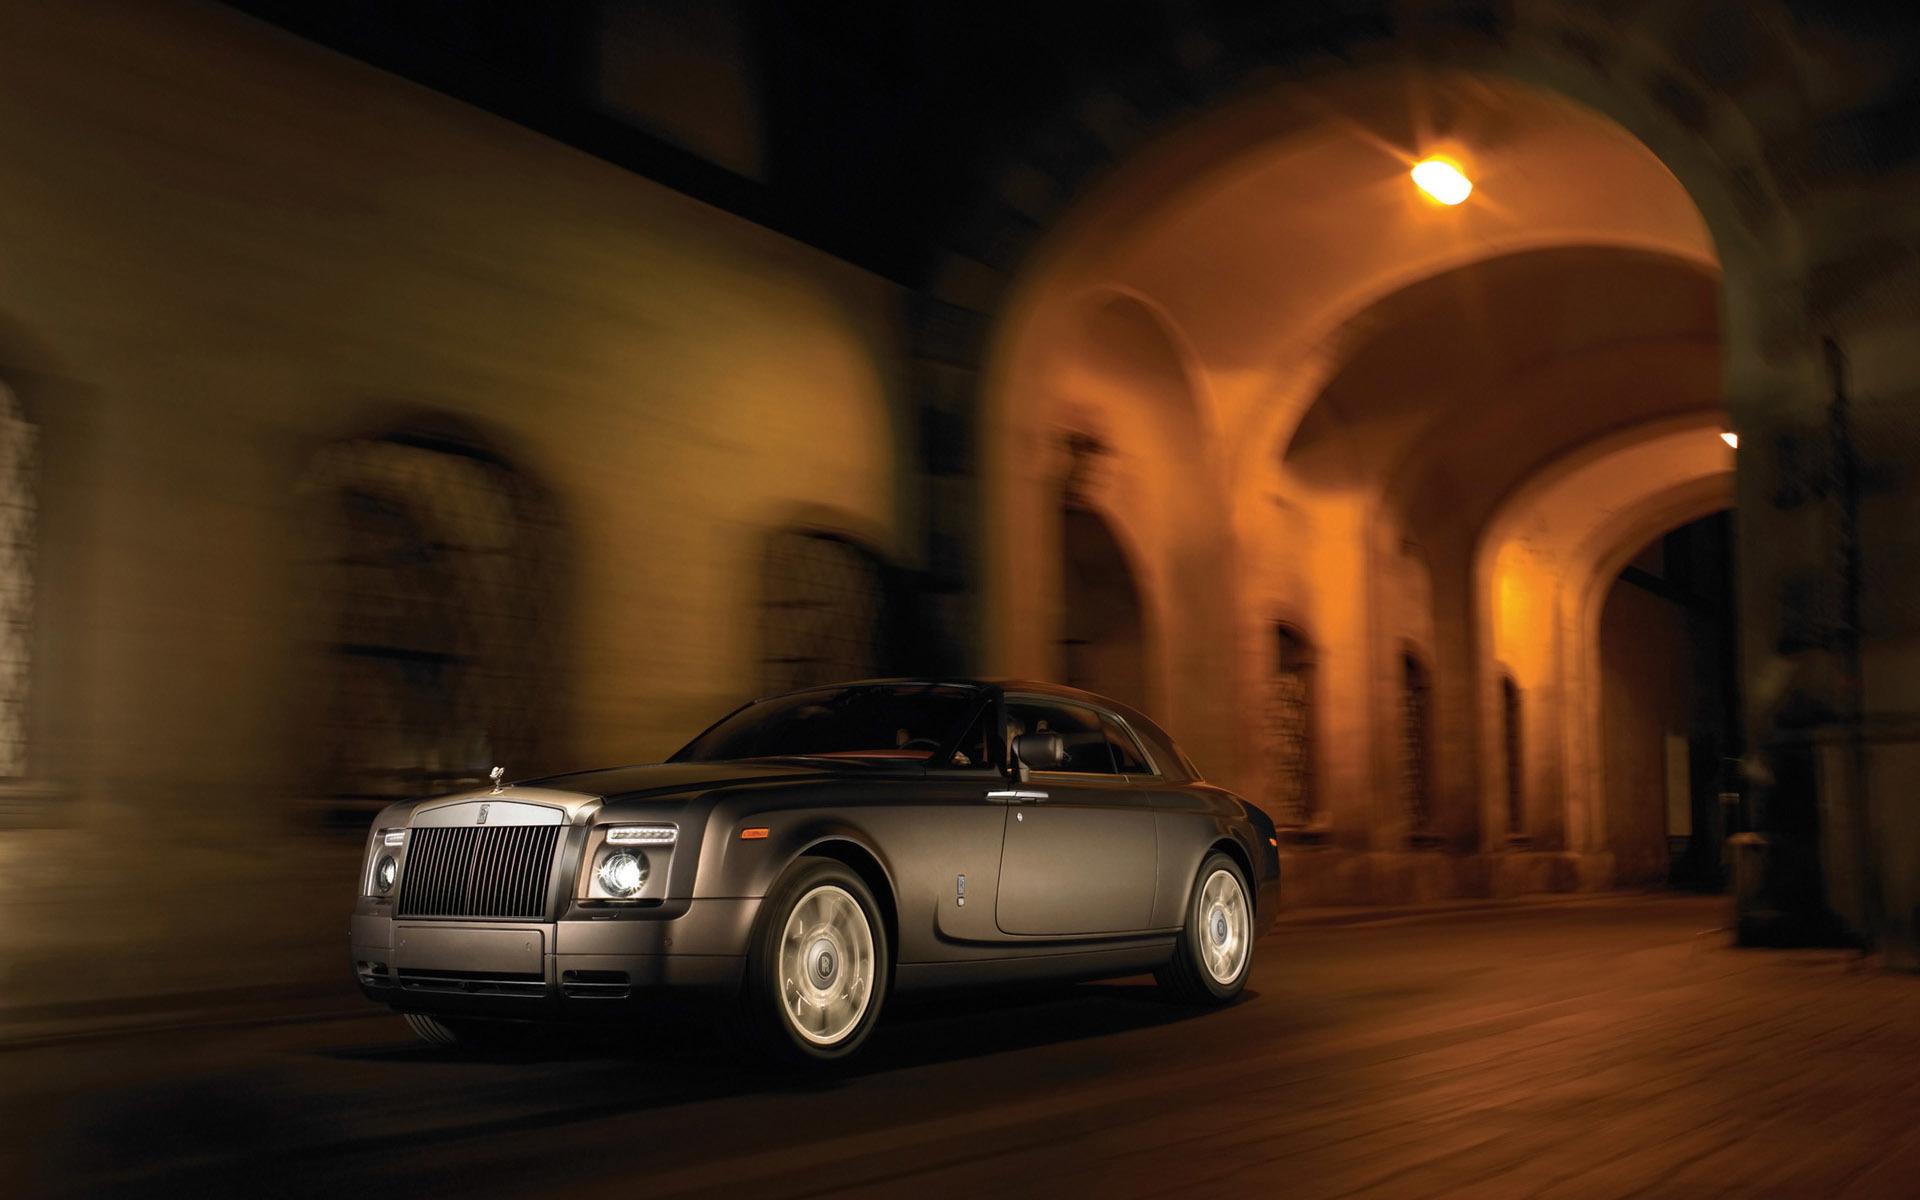 41842 скачать обои Транспорт, Машины, Ролс Ройс (Rolls-Royce) - заставки и картинки бесплатно